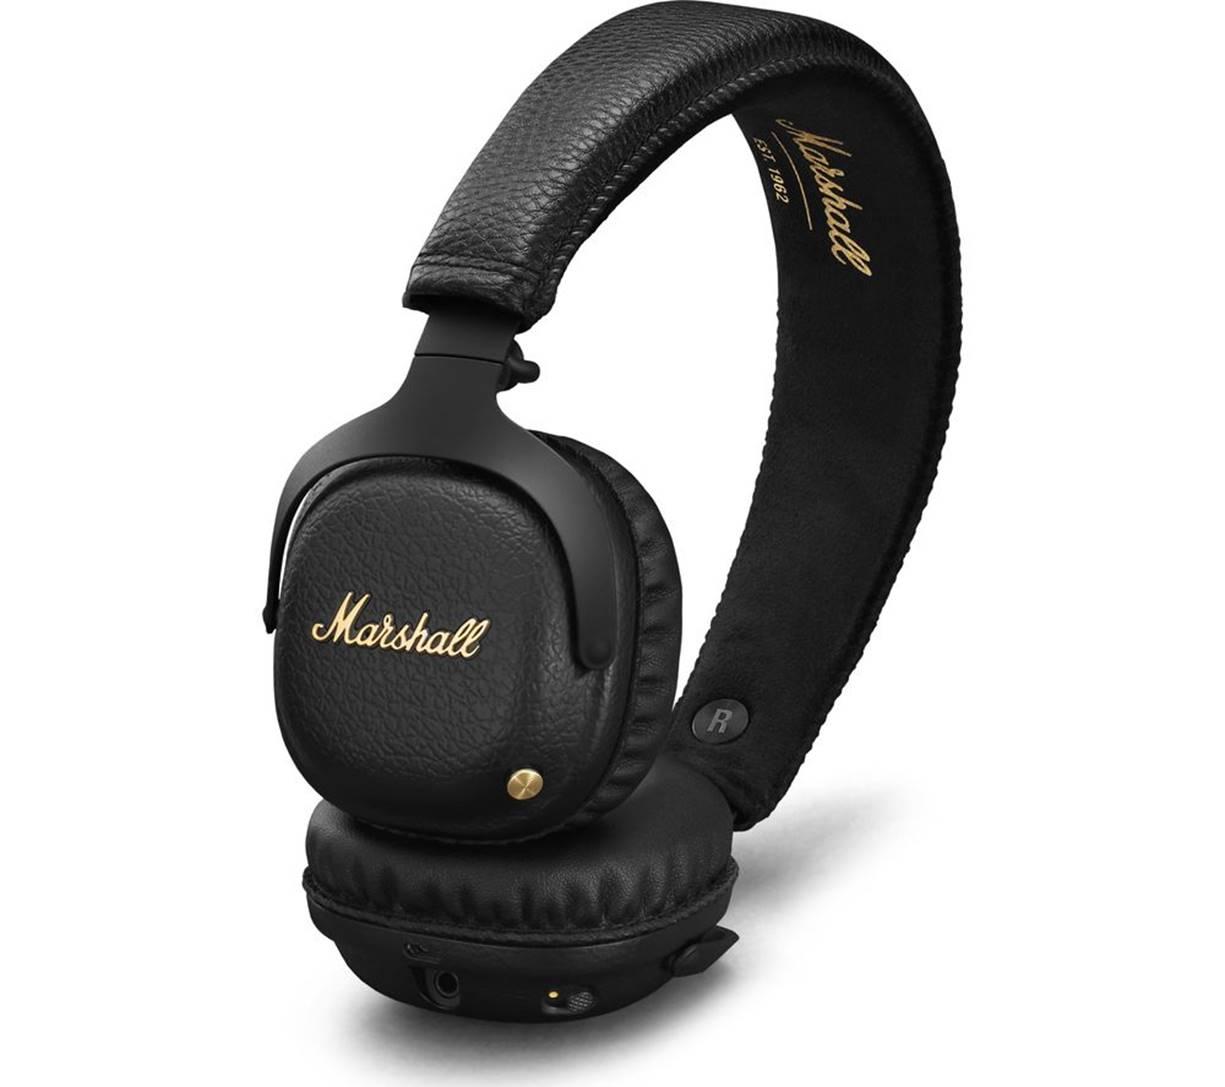 Marshall Mid ANC Headphones